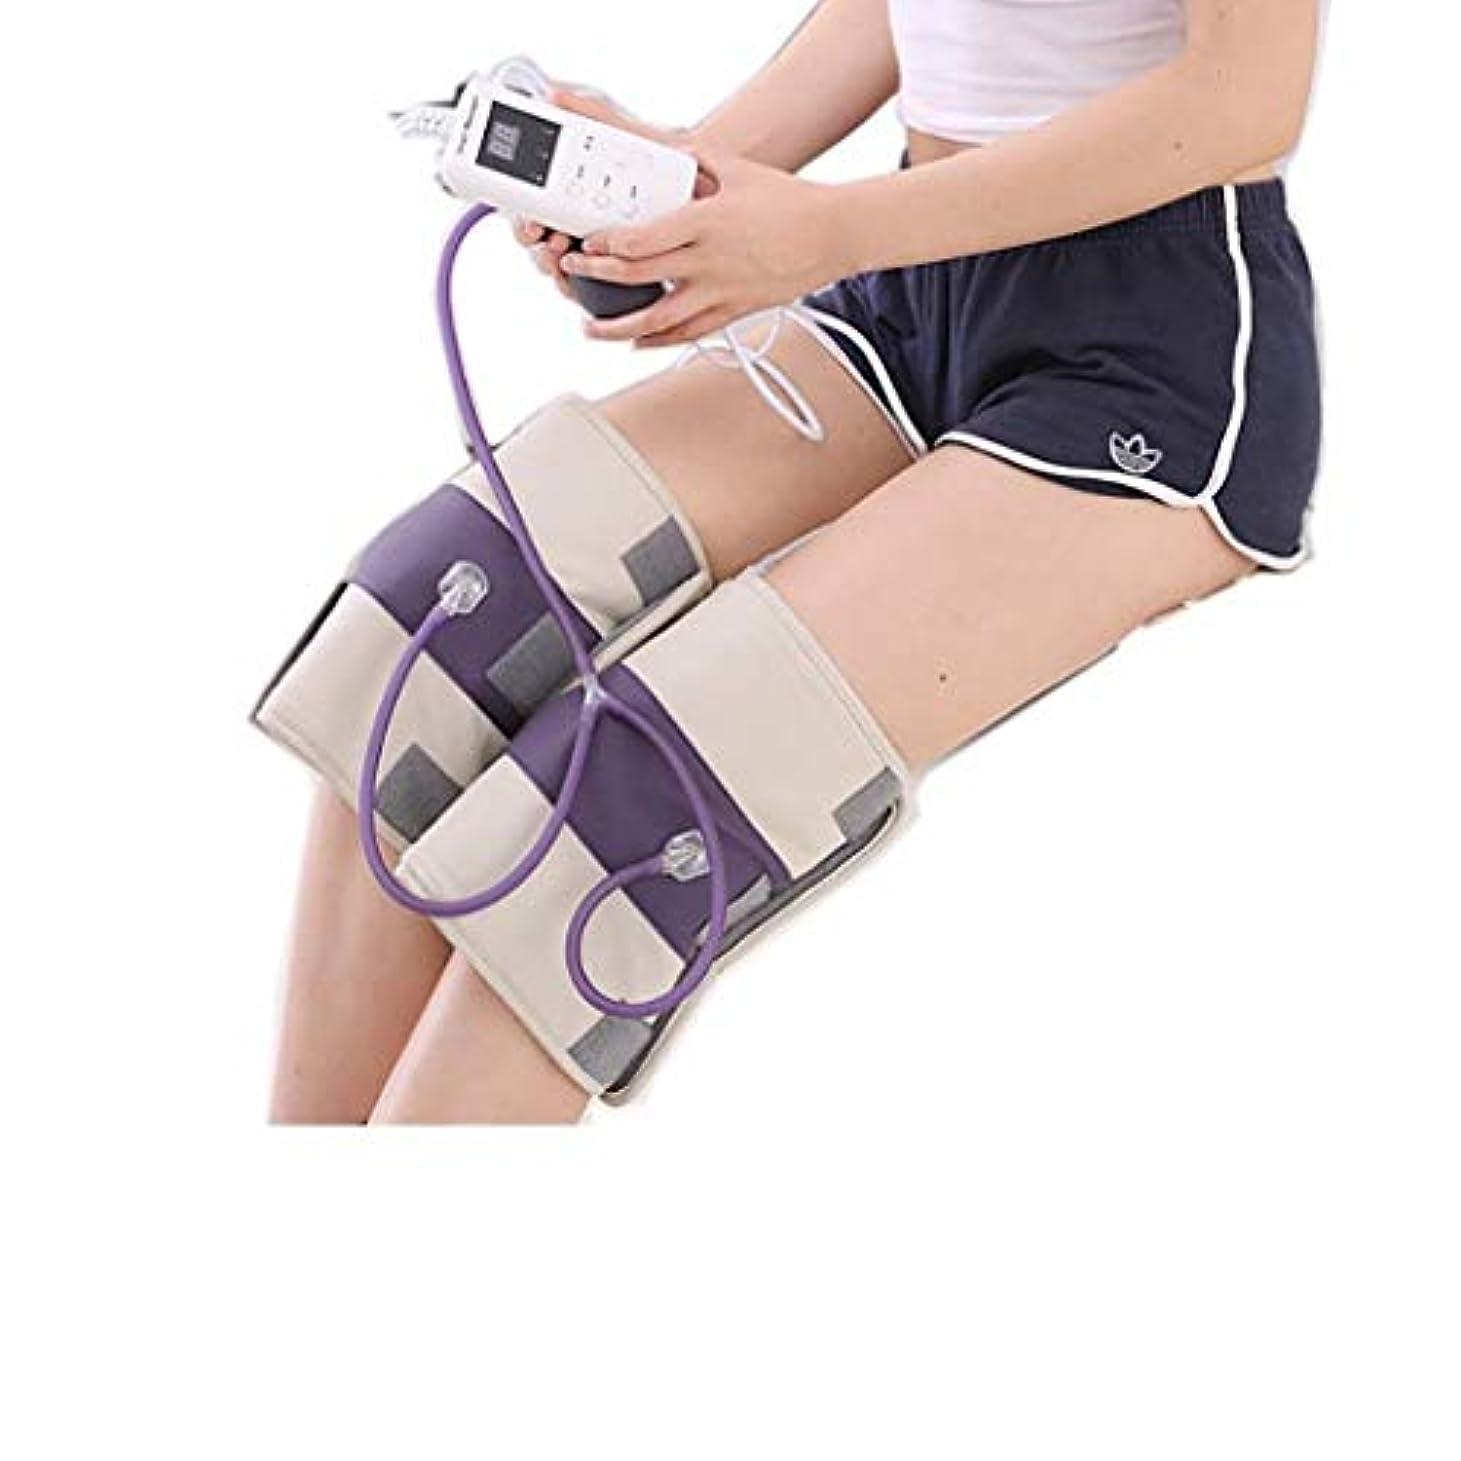 エキゾチックコンピューター出発熱くする足のマッサージャー、マッサージの膝パッド、膝の振動マッサージ、M/熱い圧縮/磁気療法、3つの温度調節、理性的なタイミング